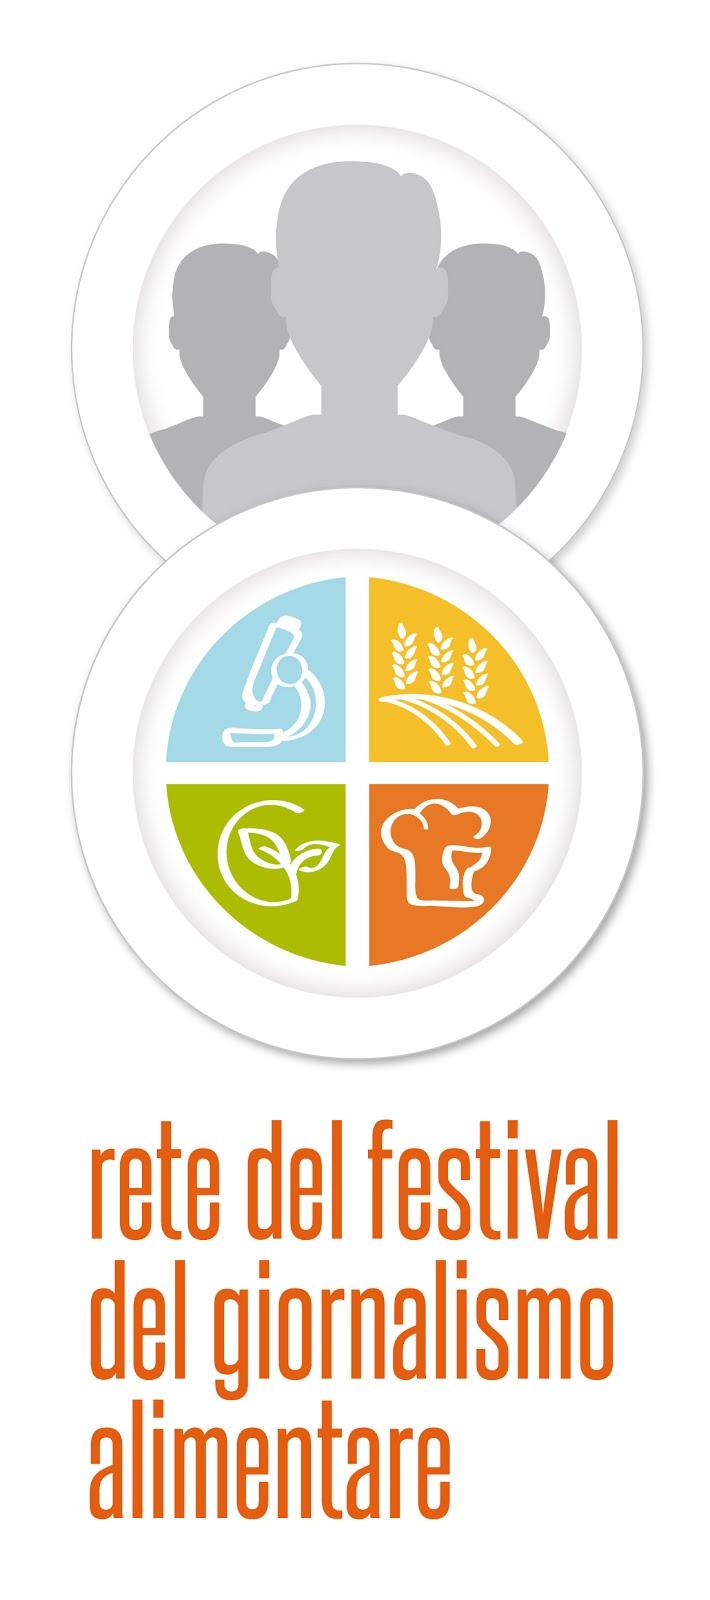 L'Orata Spensierata nella rete del Festival del giornalismo alimentare